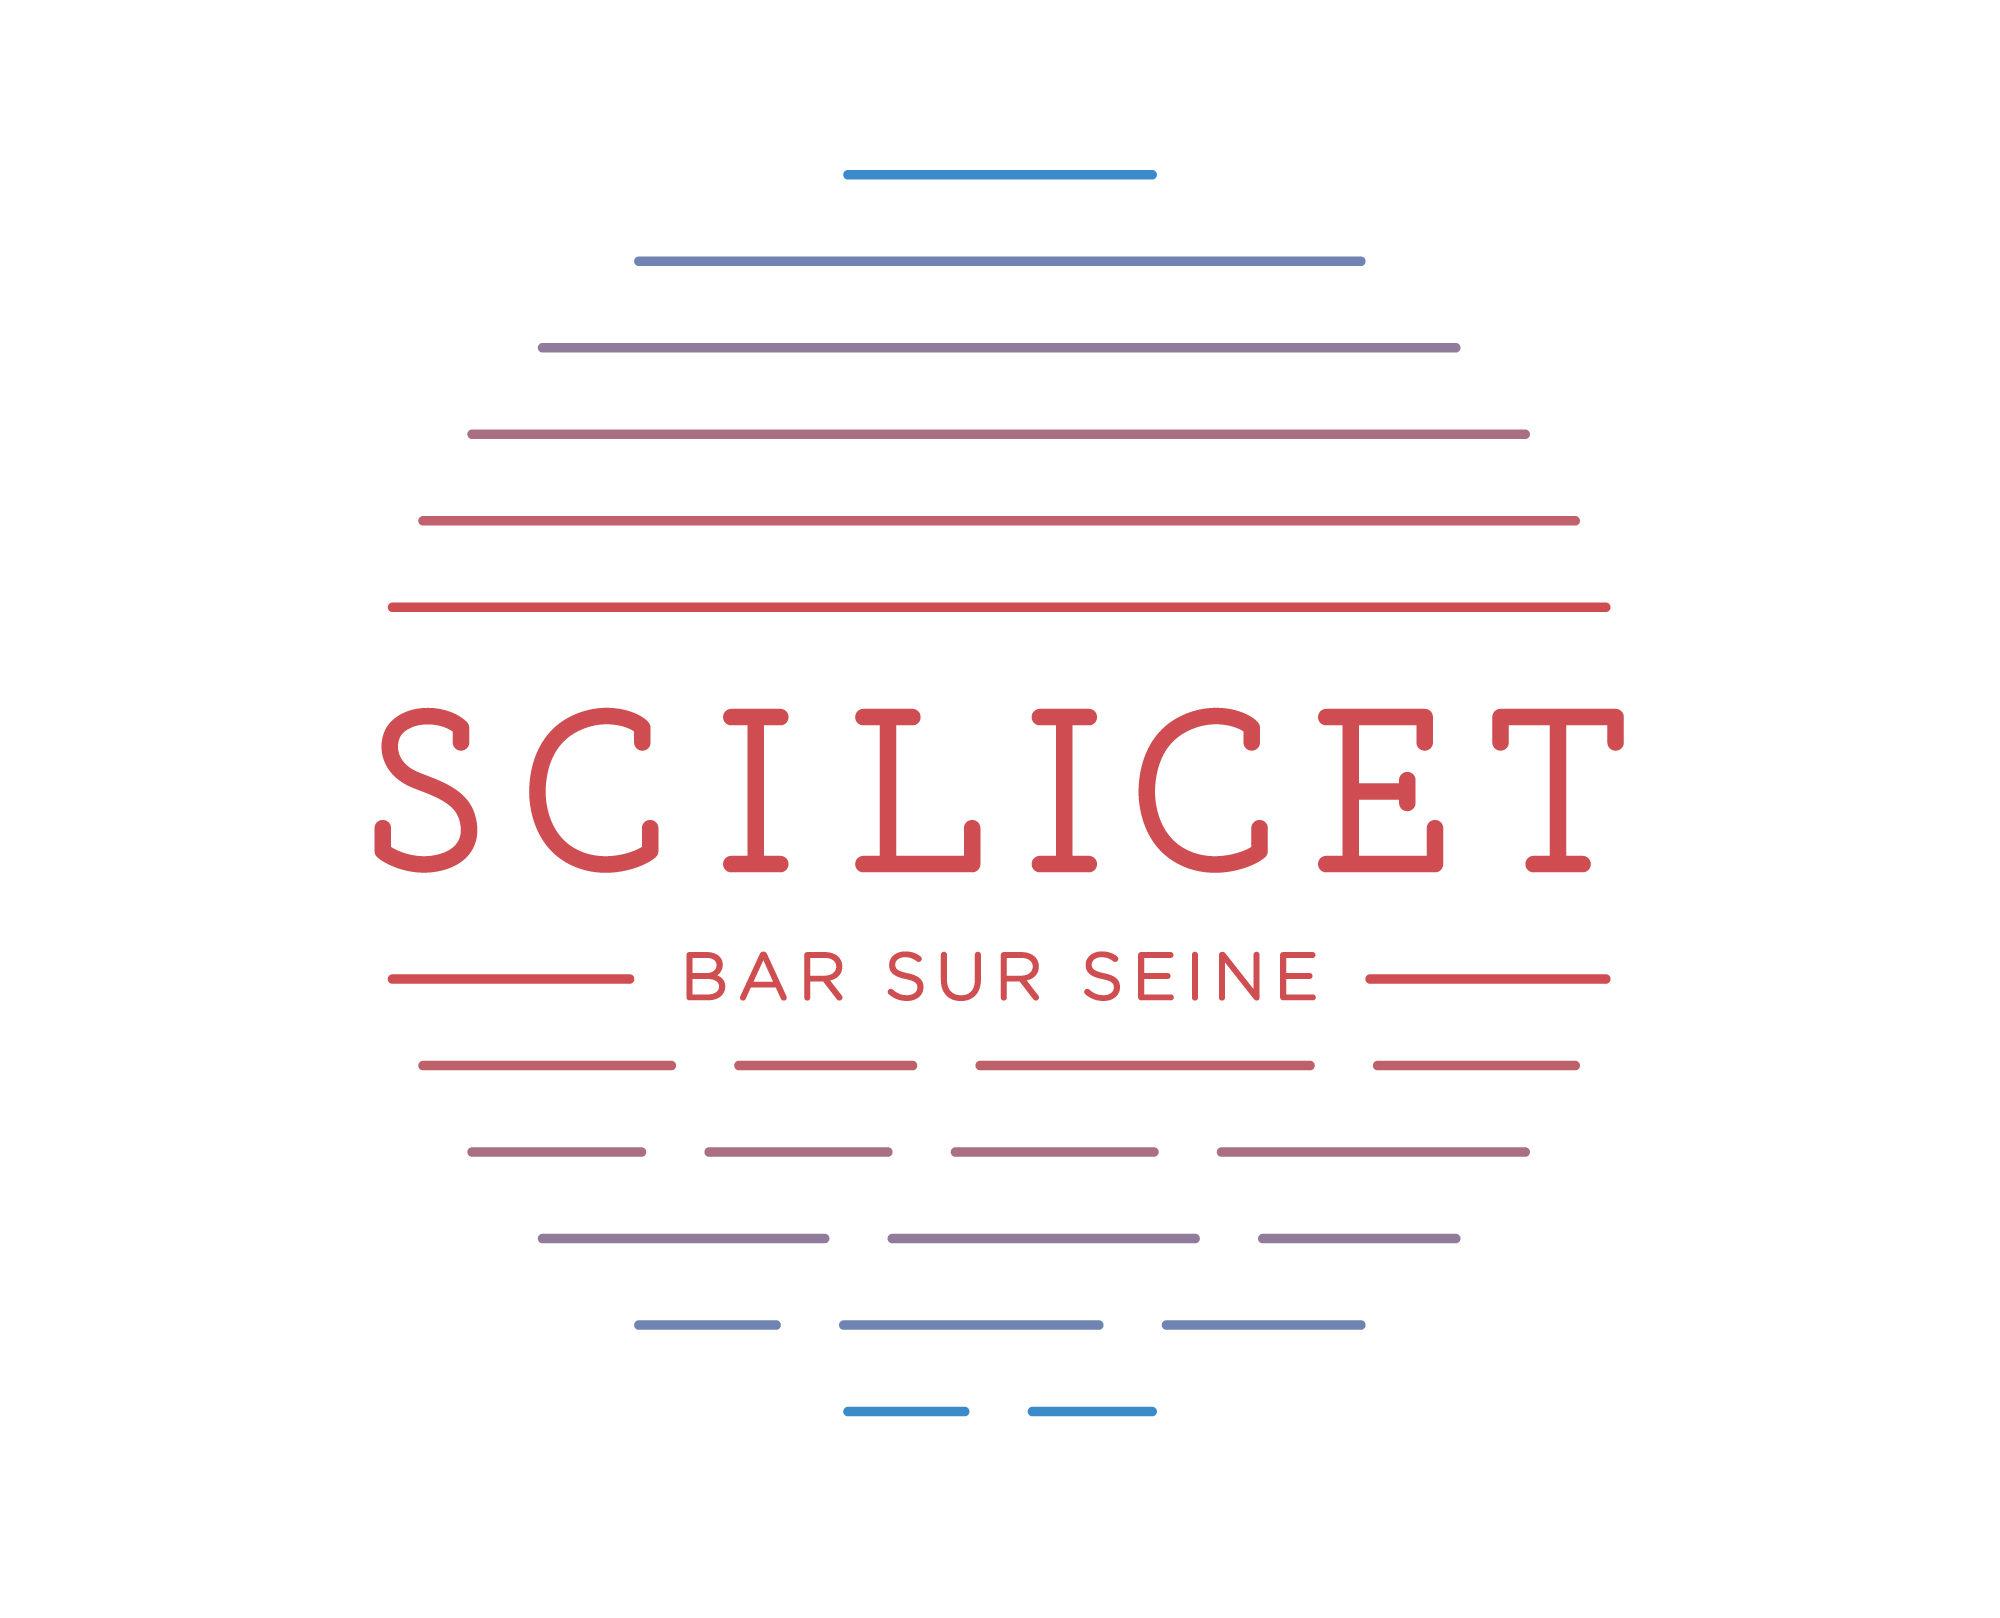 Le Scilicet – Bar sur Seine